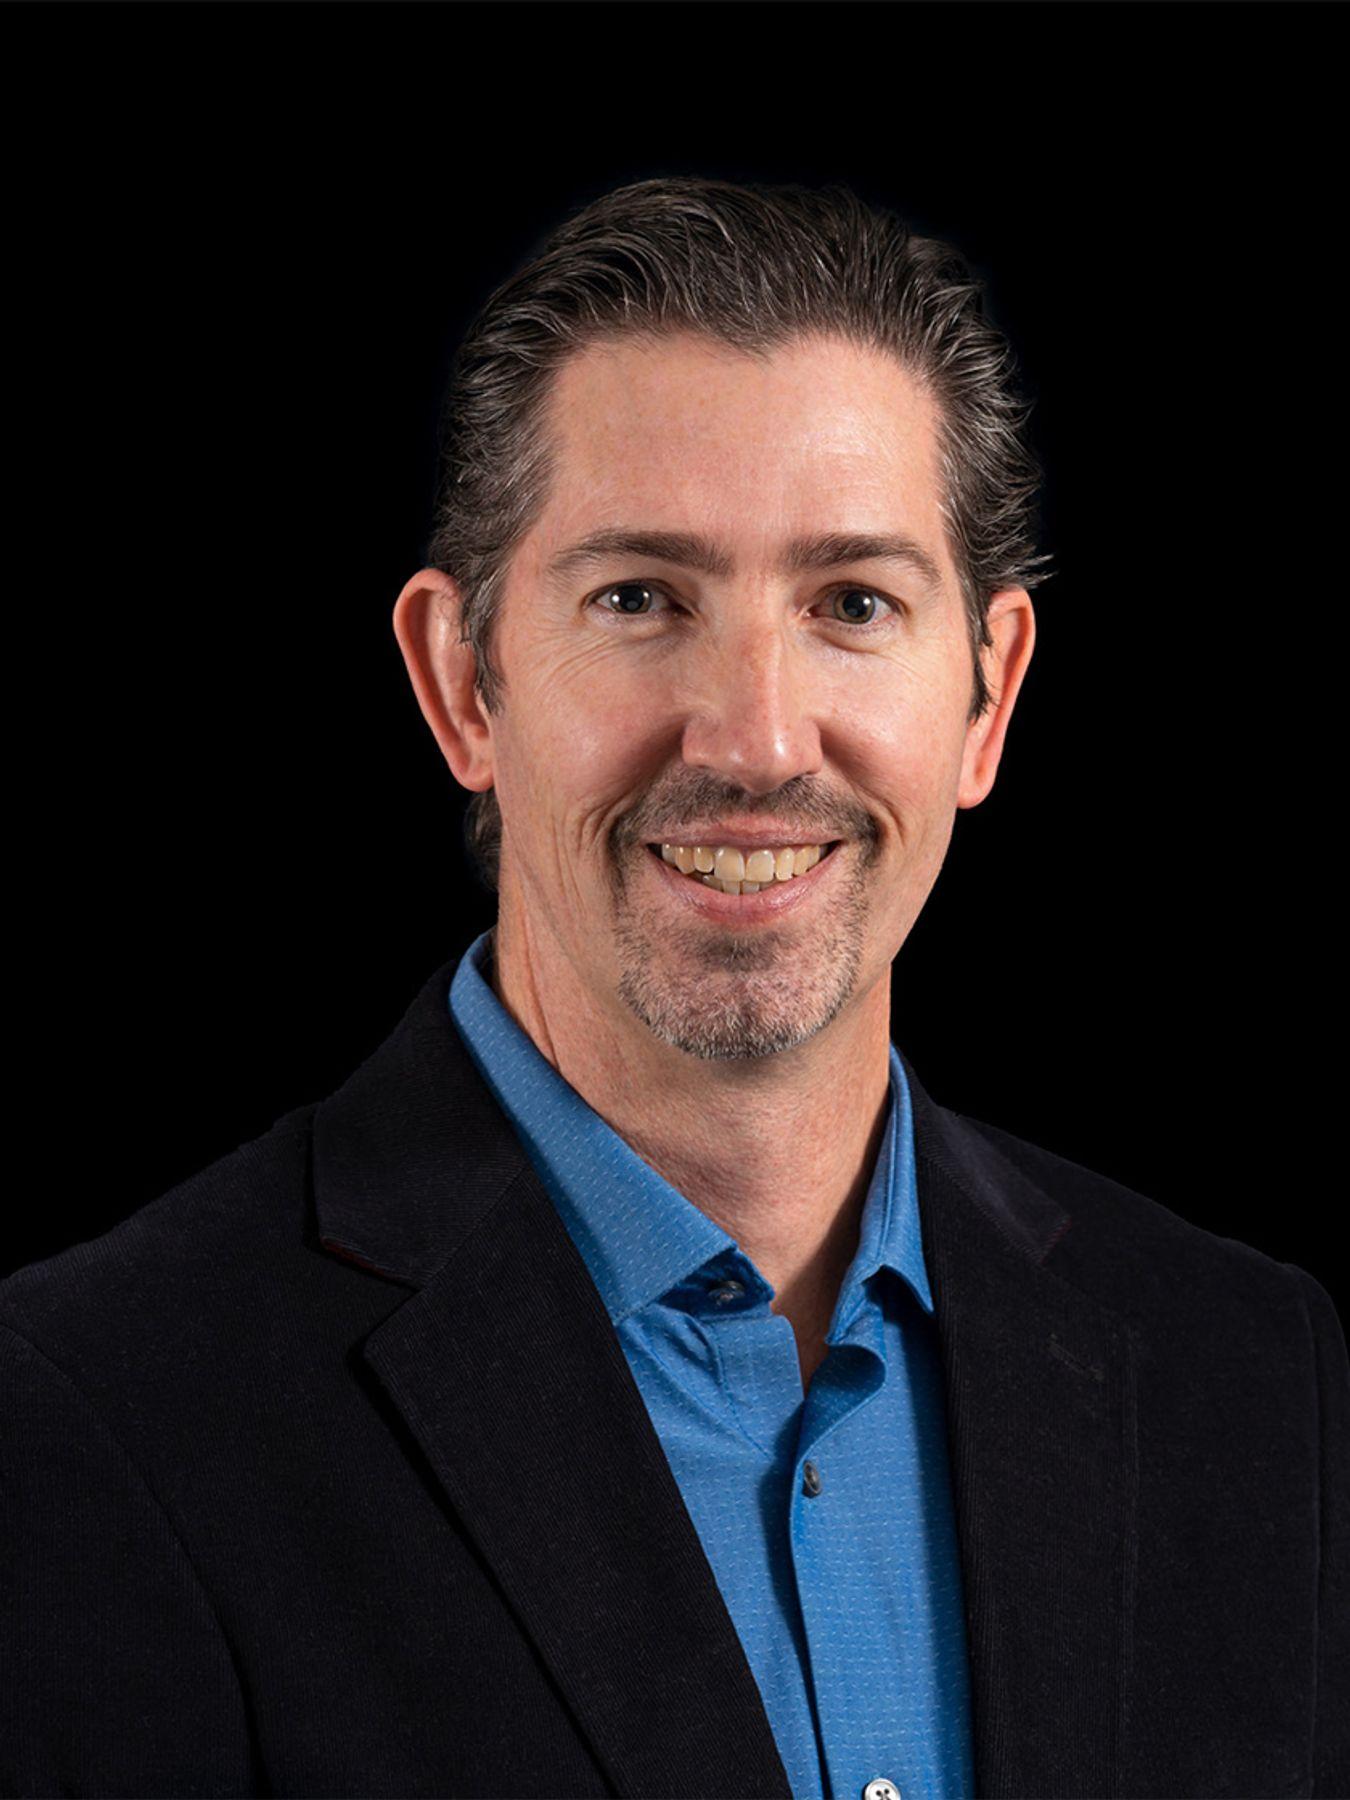 Brett Hultberg